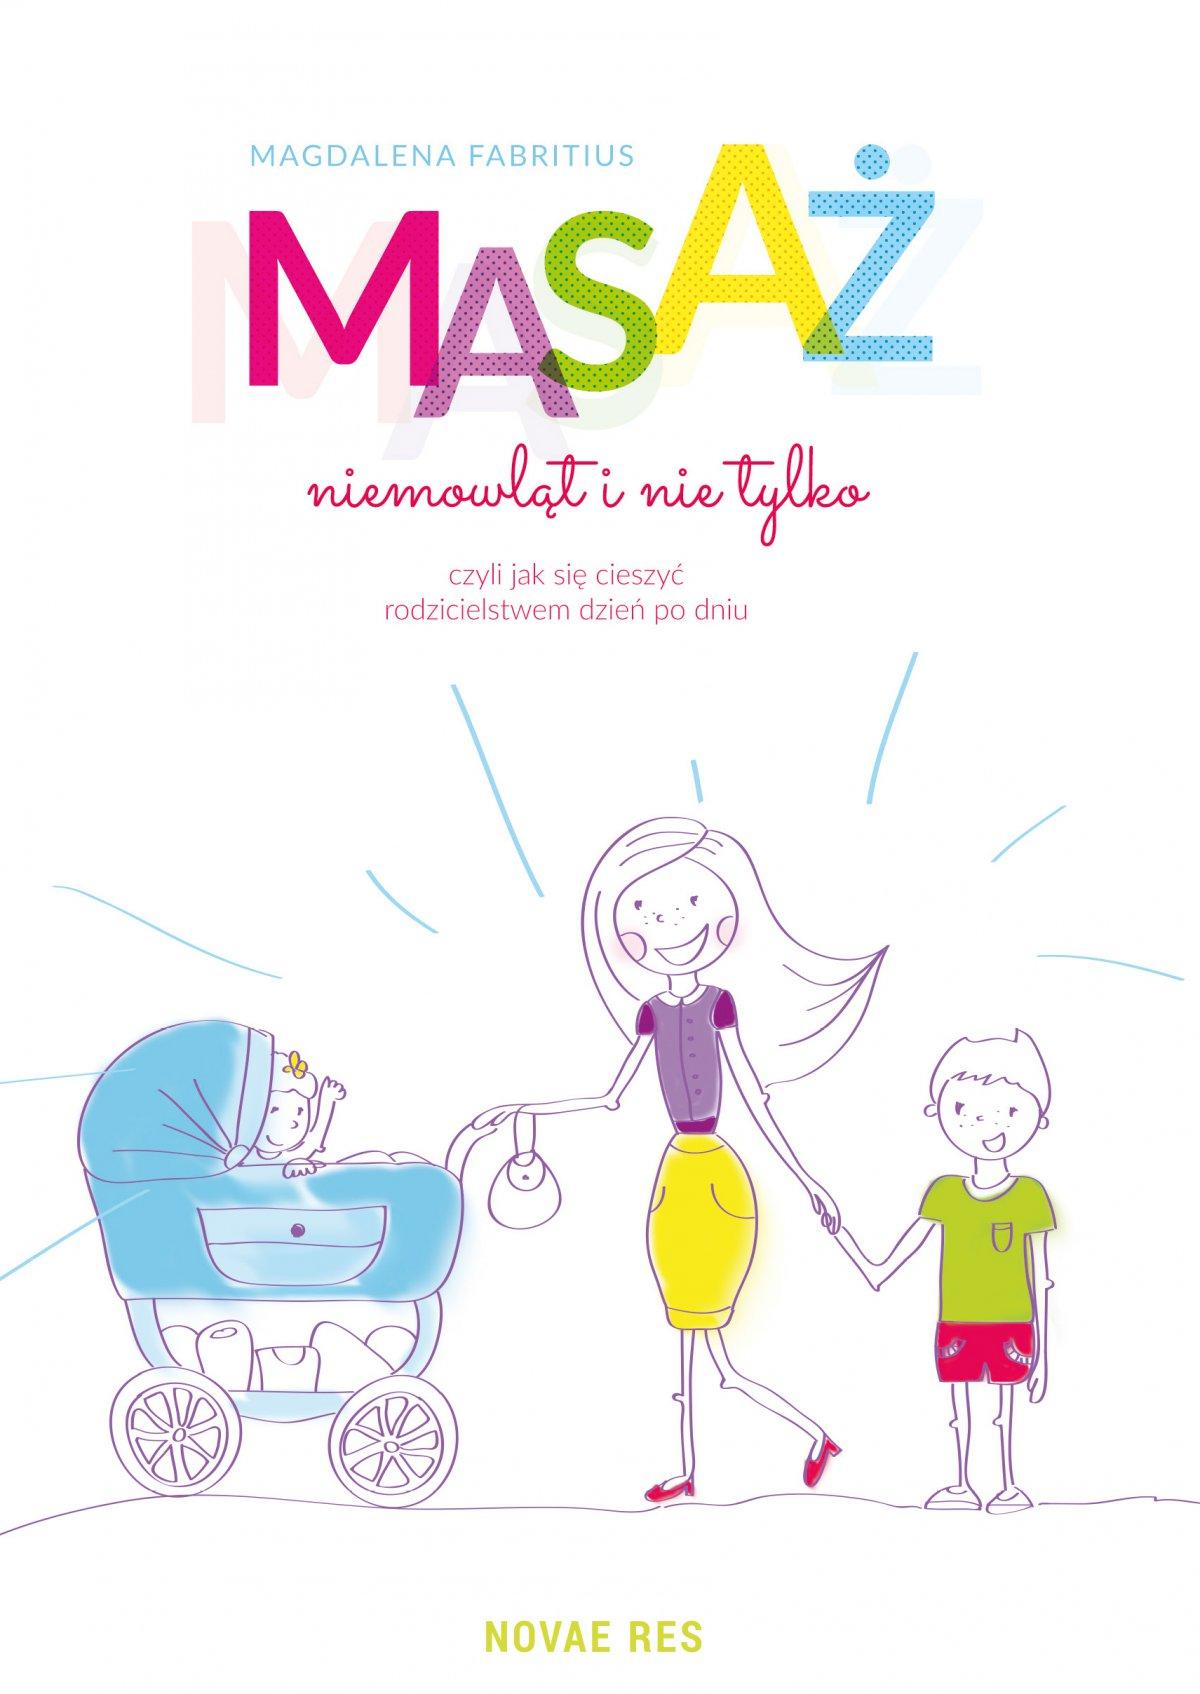 Masaż niemowląt i nie tylko, czyli jak się cieszyć rodzicielstwem dzień po dniu - Ebook (Książka EPUB) do pobrania w formacie EPUB